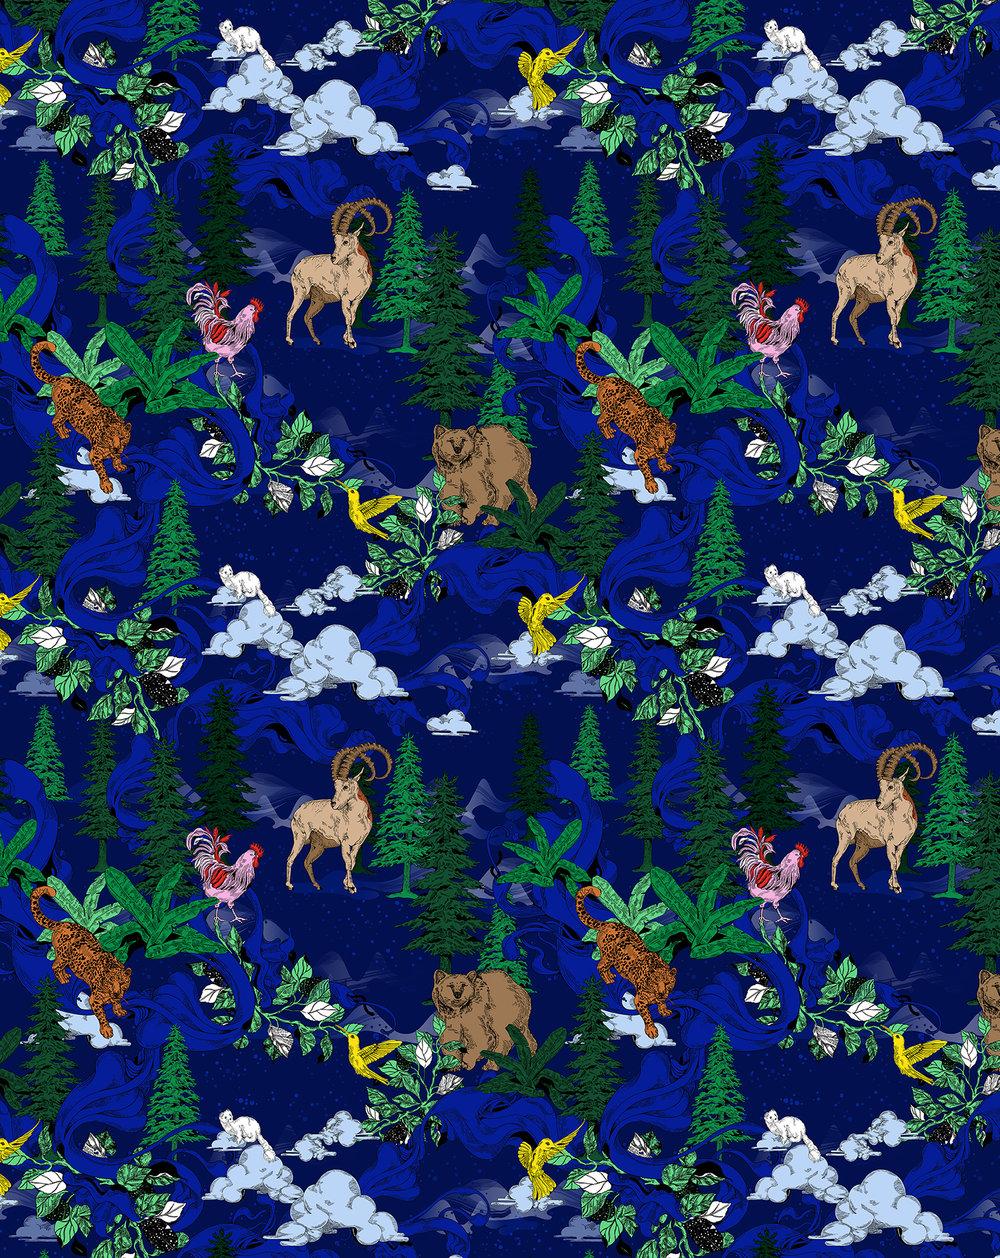 PommeChan_Pattern_Wallpaper02_Lowres_15x15.jpg